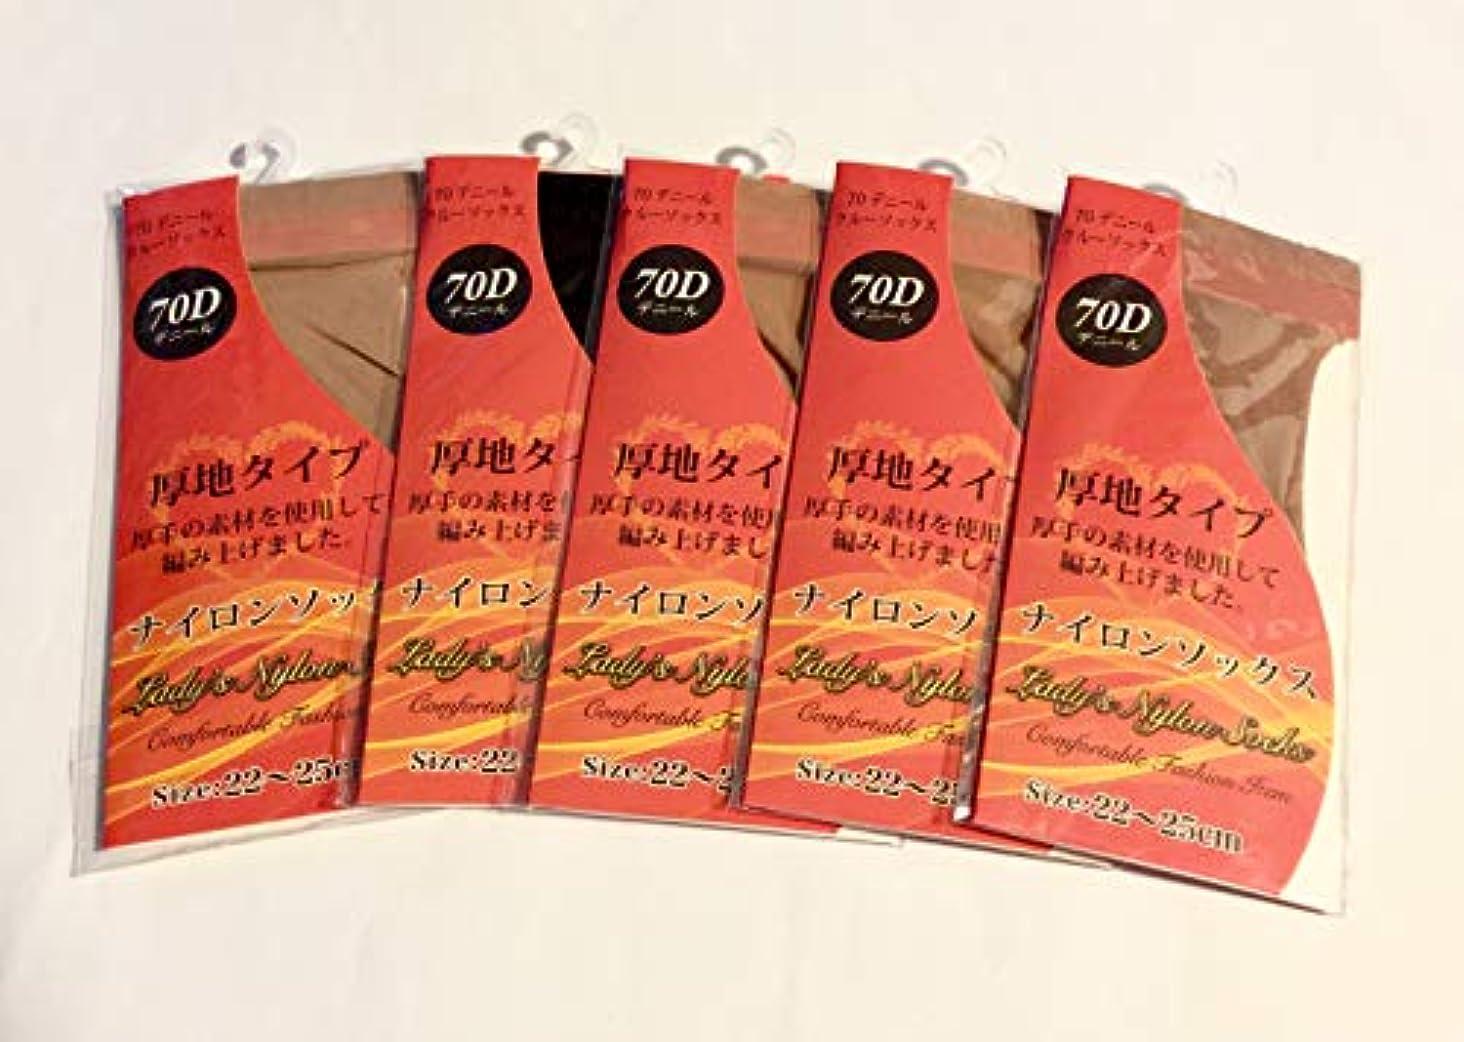 パワー同情栄光のソックス レディース 70デニール ショート ストッキング 22-25cm 5足組